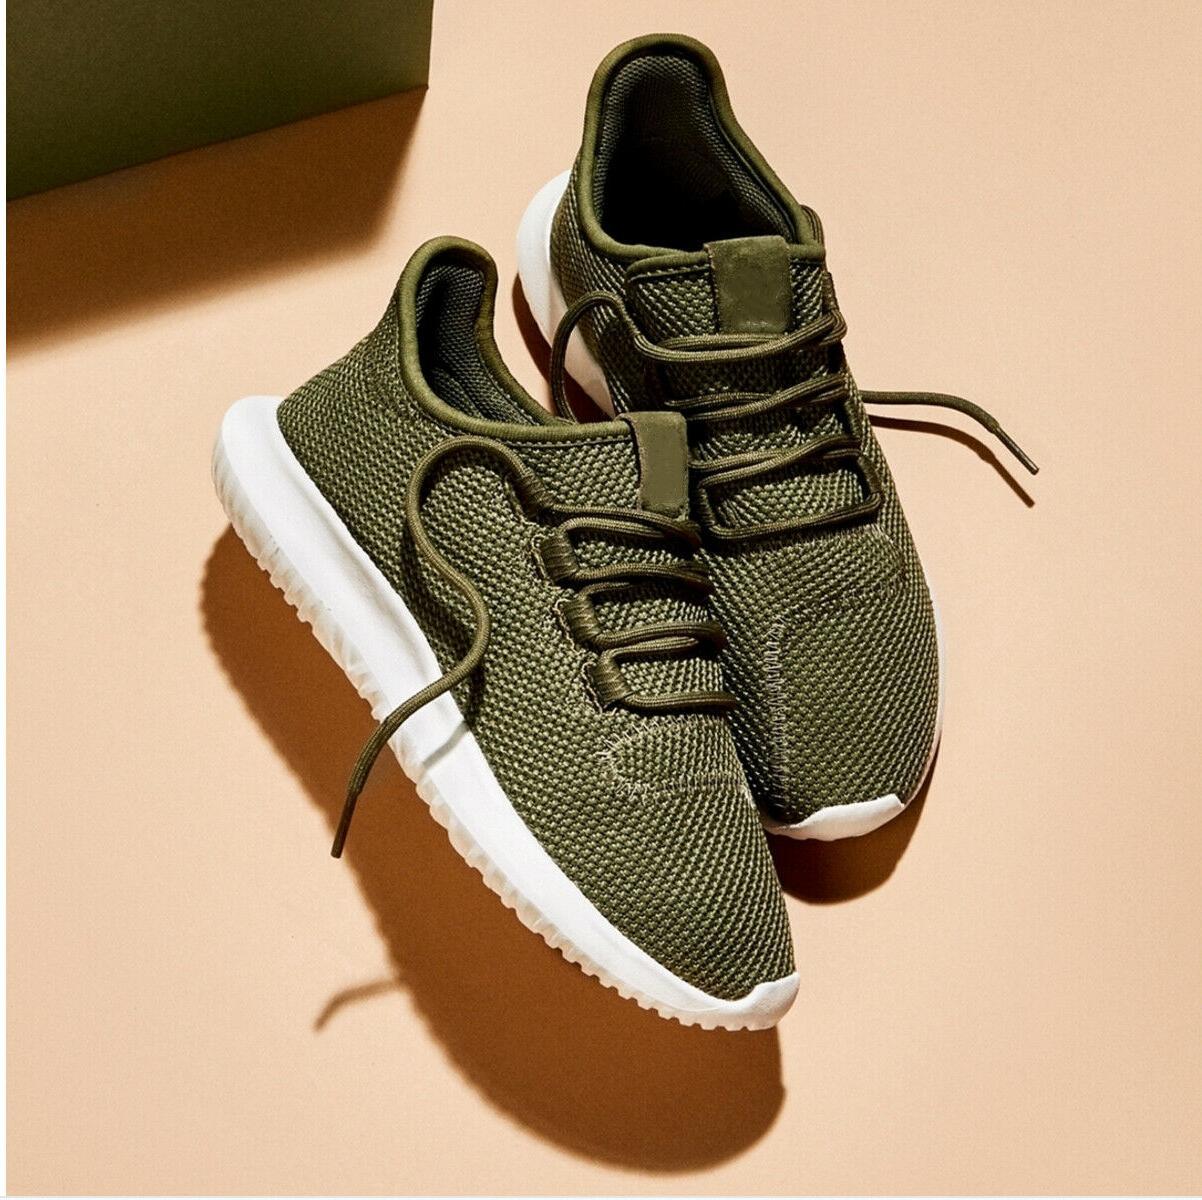 Men's Mesh Casual Tennis Shoes USA